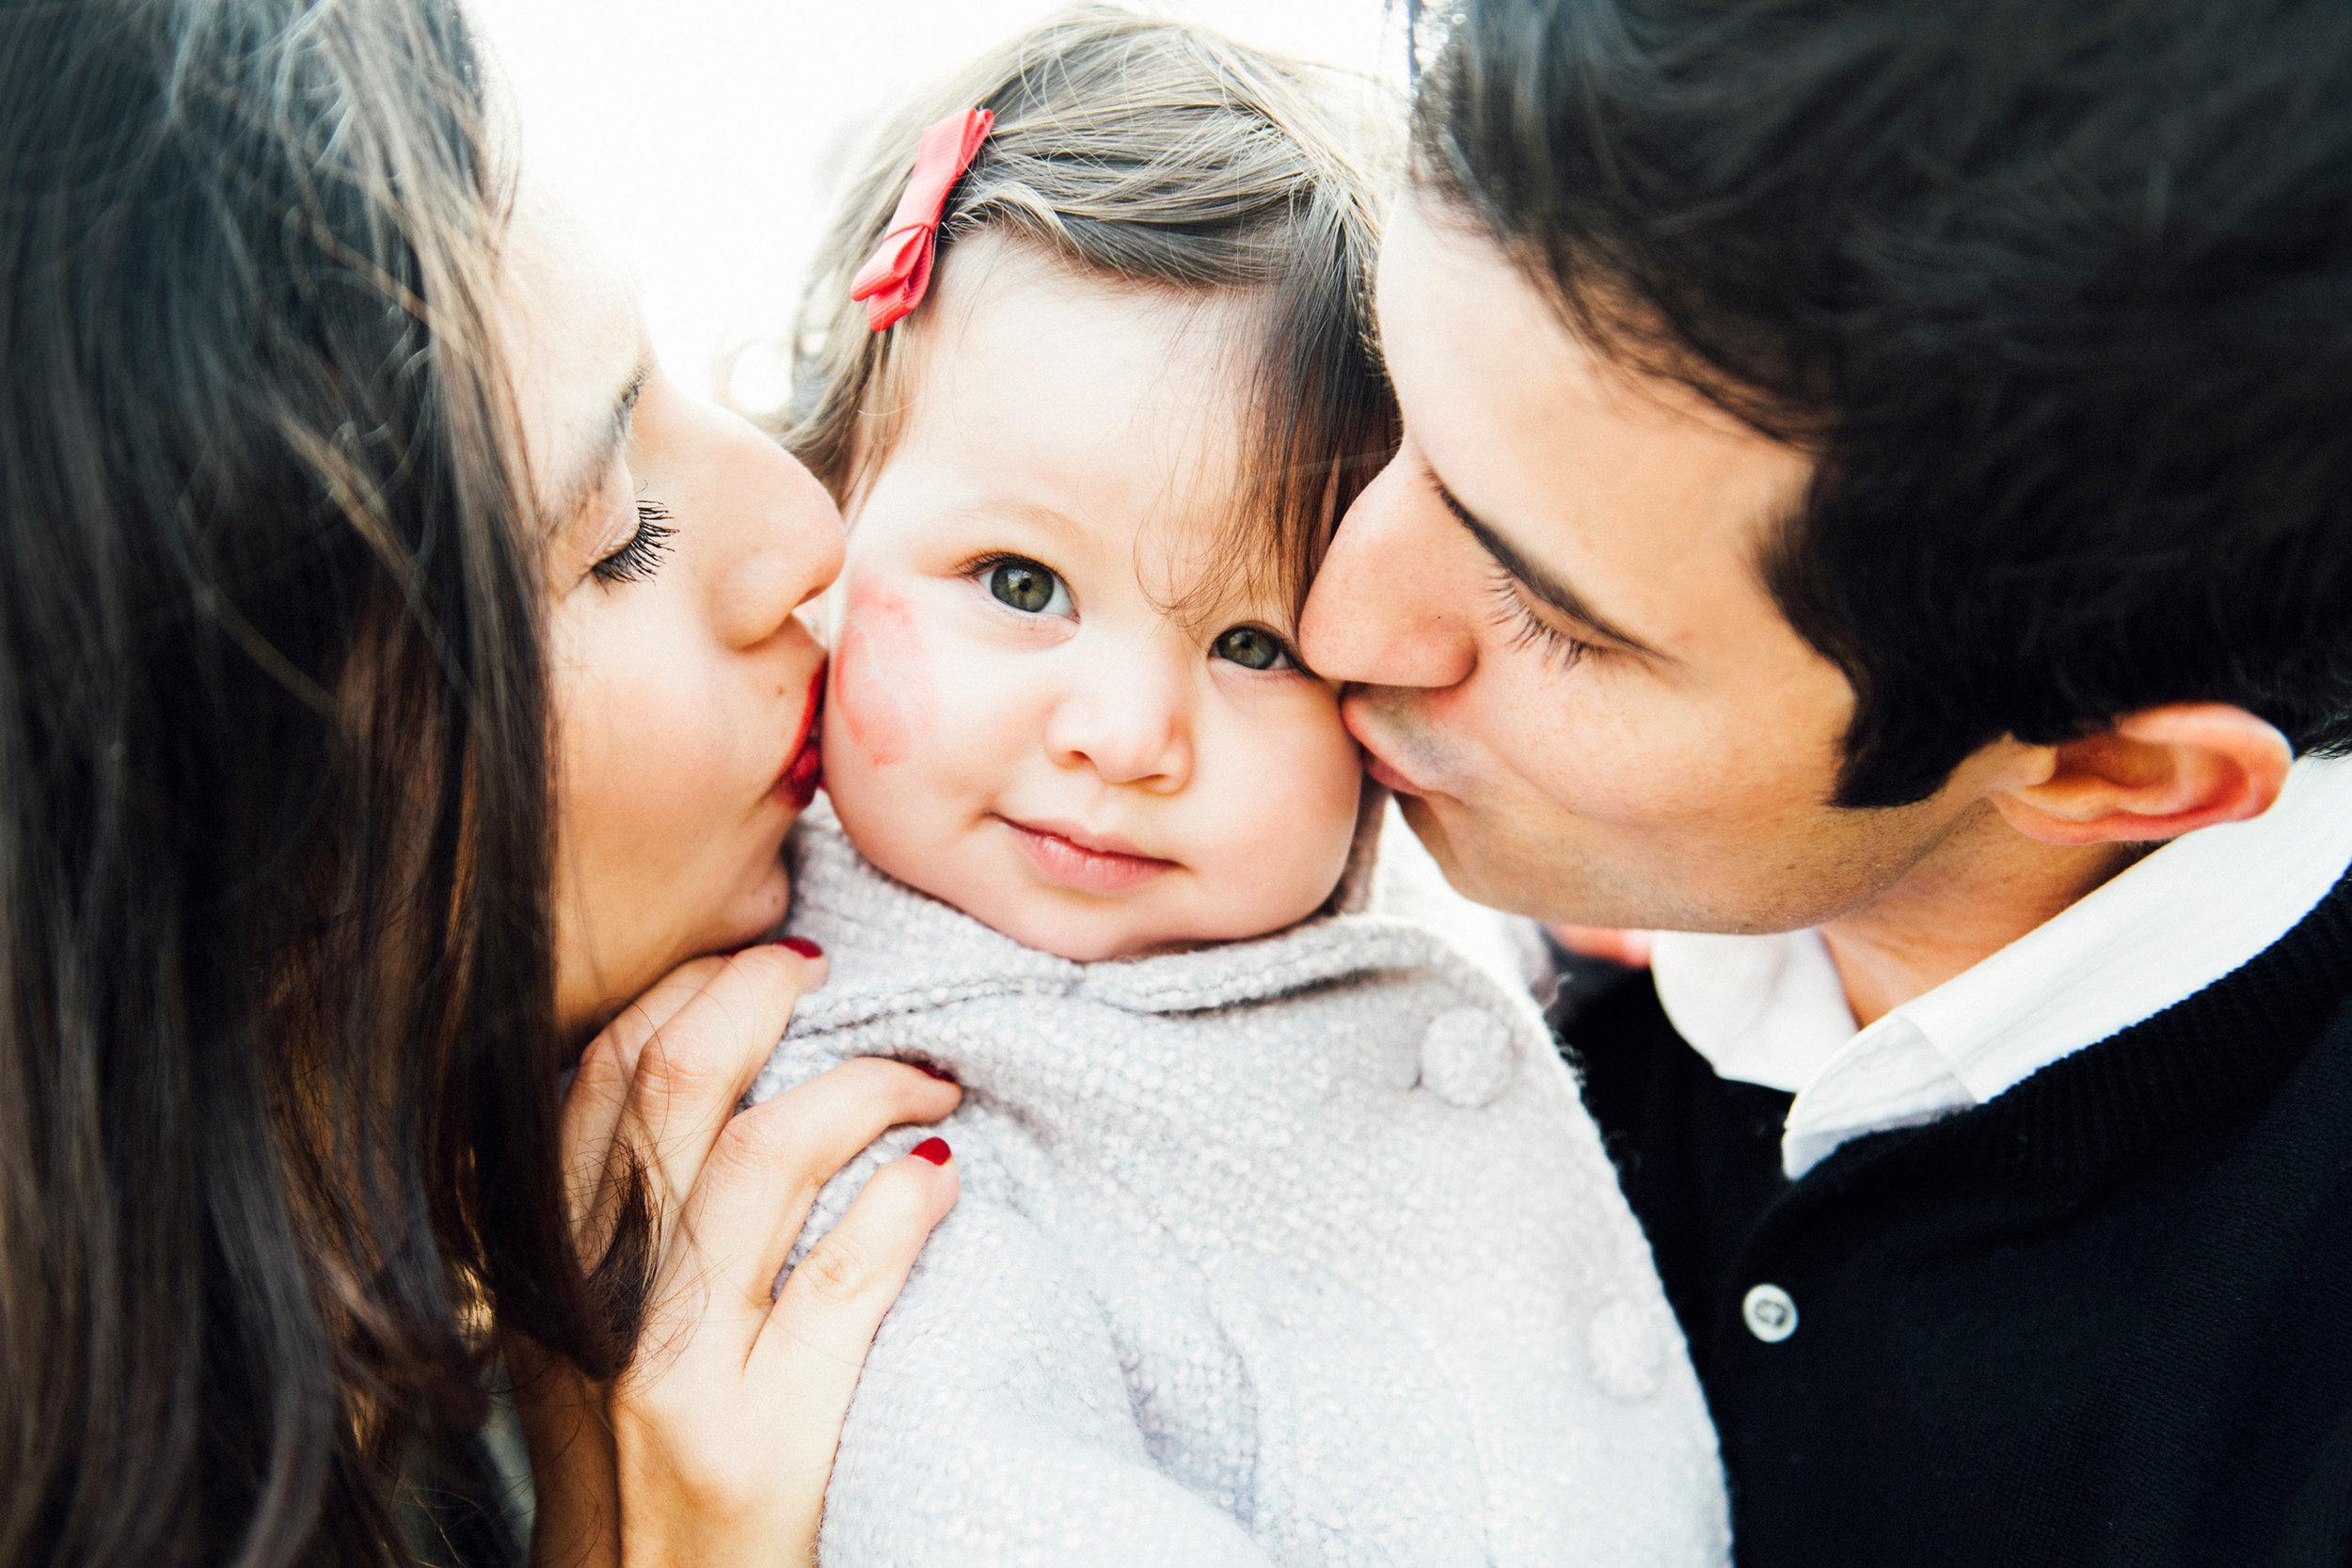 Katie_Mitchell_Paris_France_Family_Portrait_Photographer_01.jpg